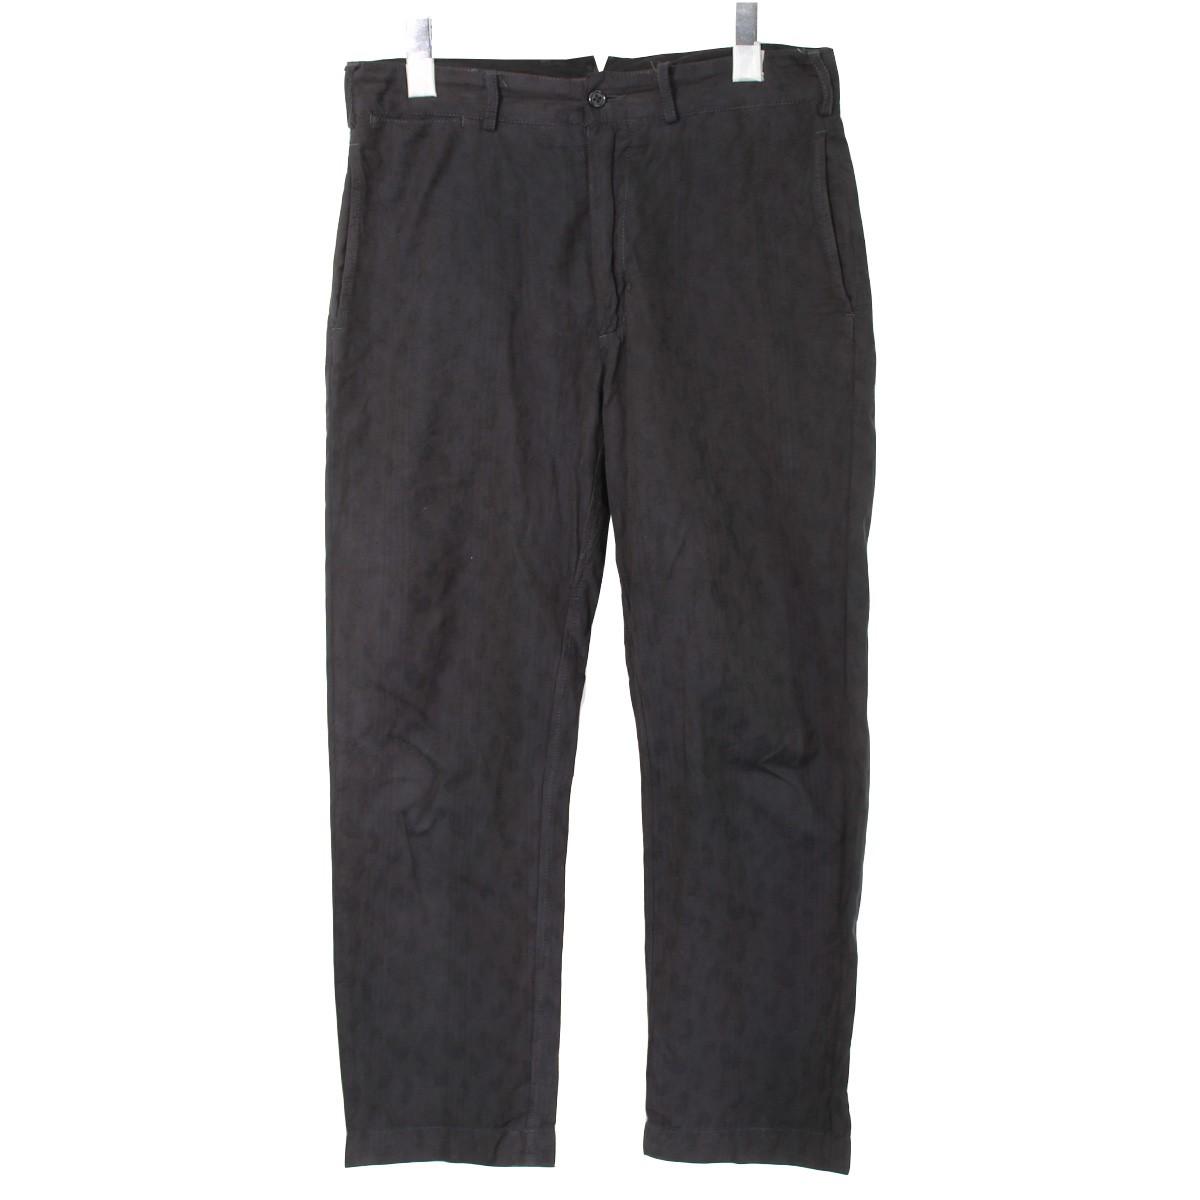 【中古】Engineered Garments ペイズリーシンチバックパンツ ブラック サイズ:30 【241119】(エンジニアードガーメンツ)